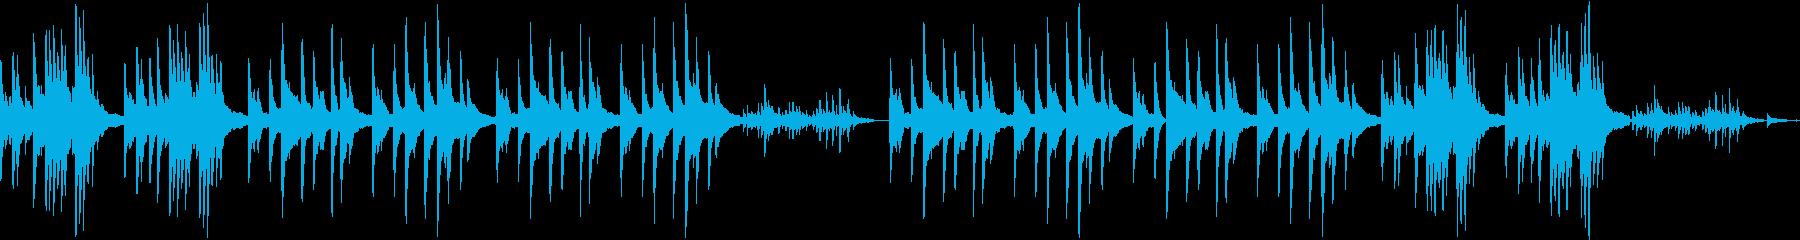 ヒーリング、静かなソロピアノの再生済みの波形